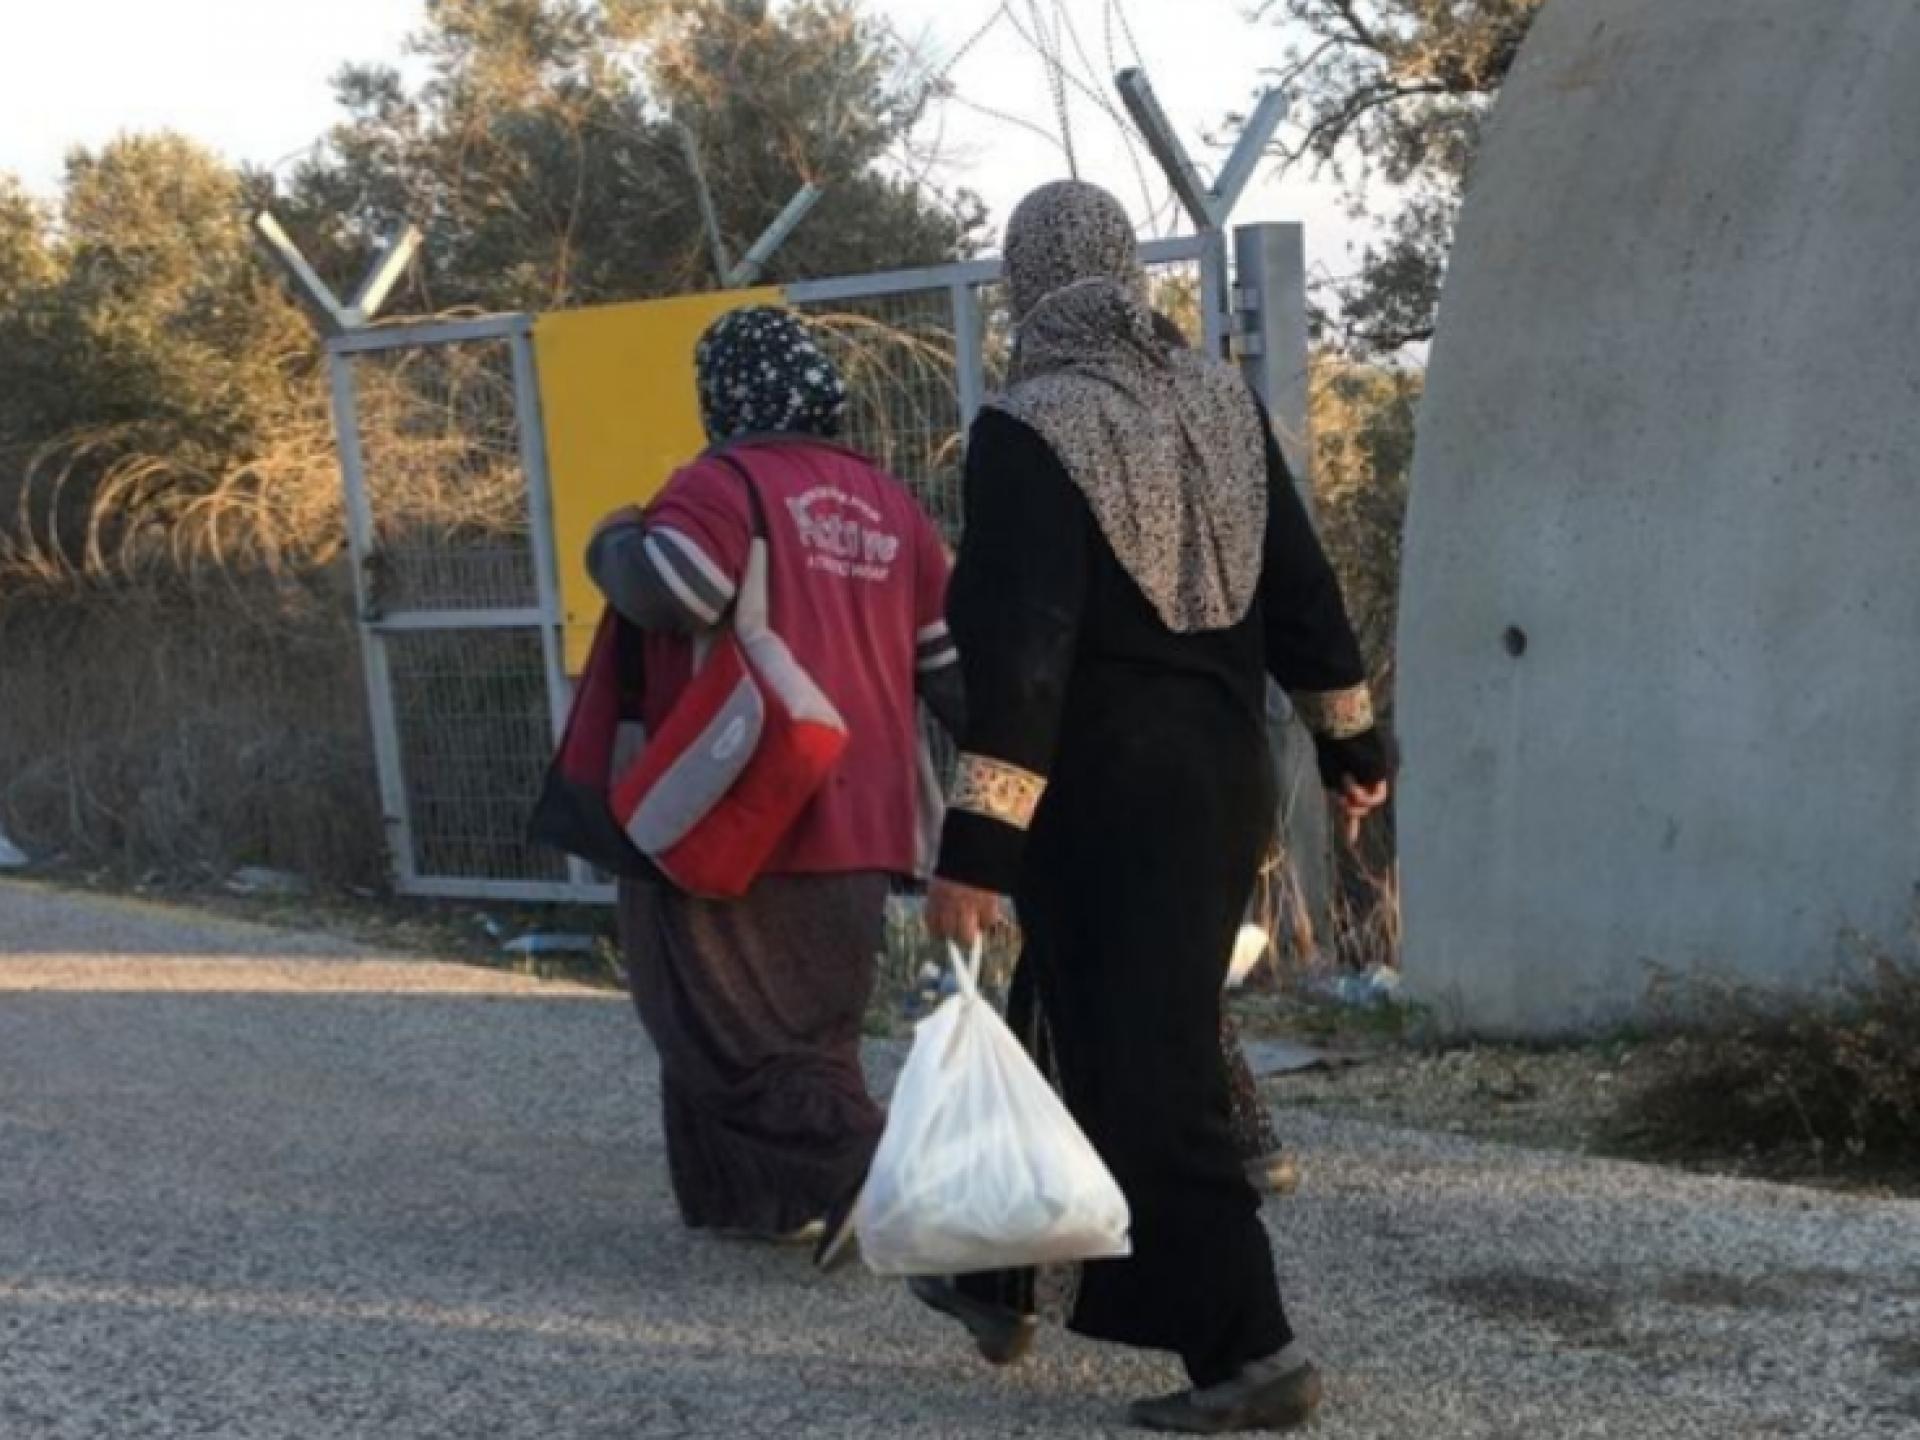 מחסום עאנין: בסוף יום המסיק חוזרים הביתה לכפר עאנין